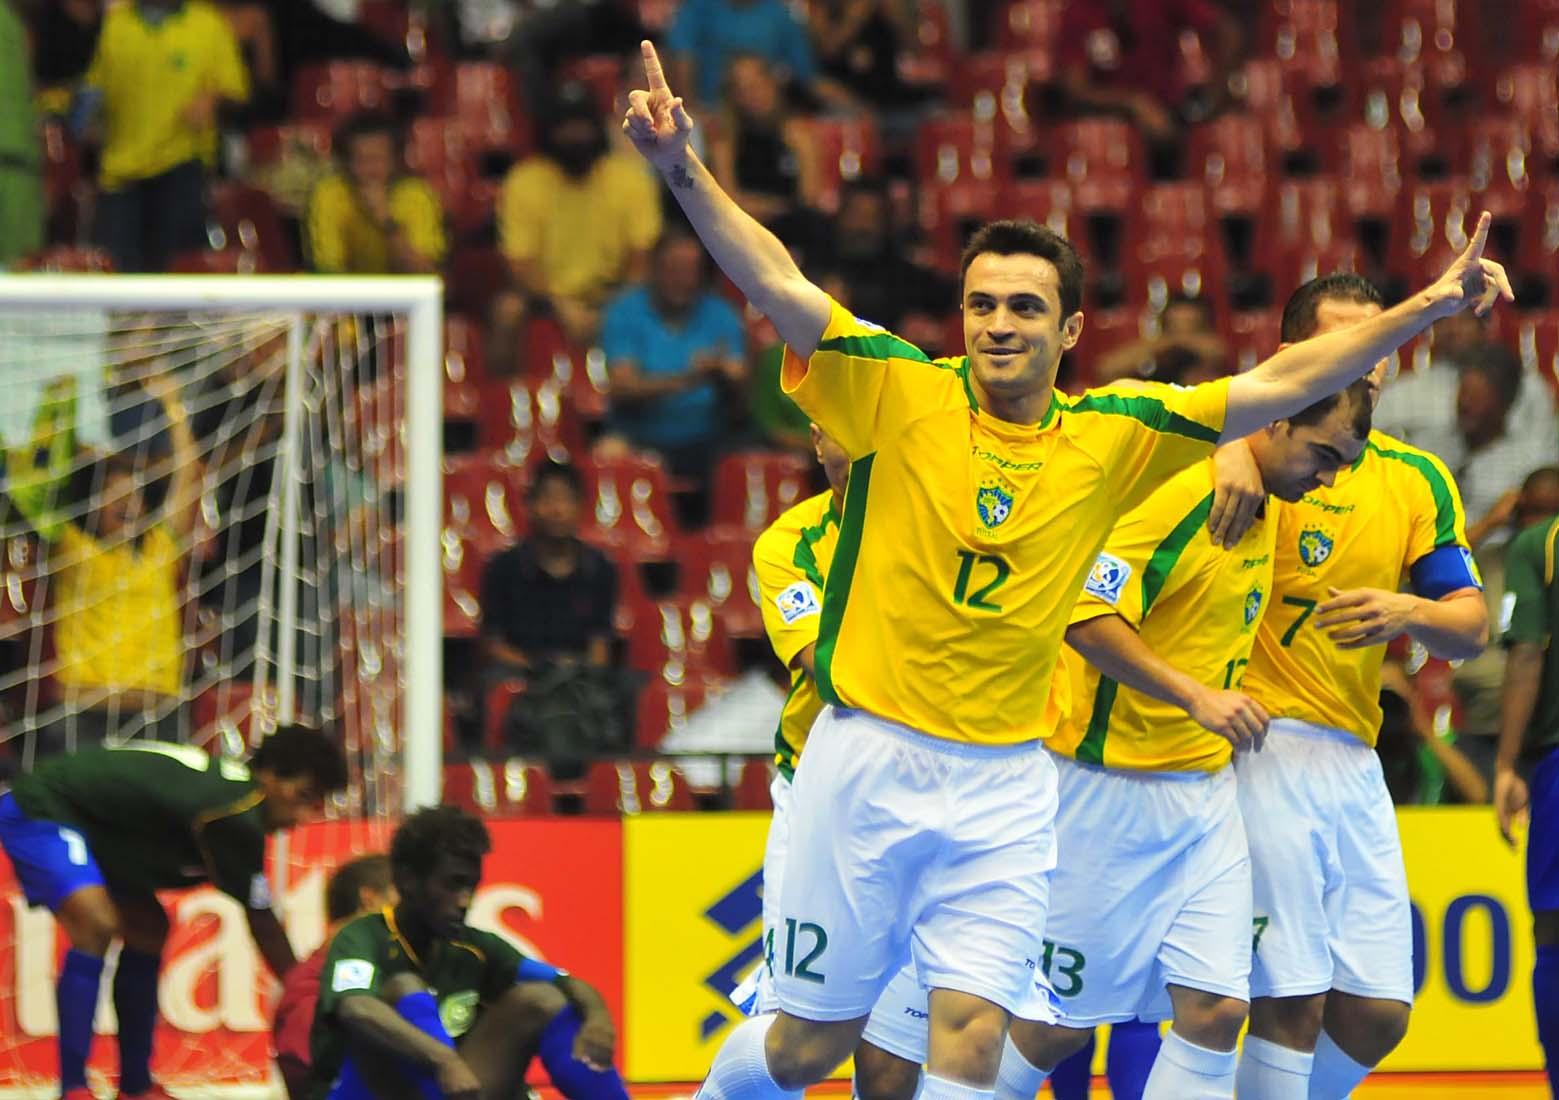 Mundial de Futsal começa com 4 jogos e marca o adeus de Falcão à competição   19bae9c2483f7